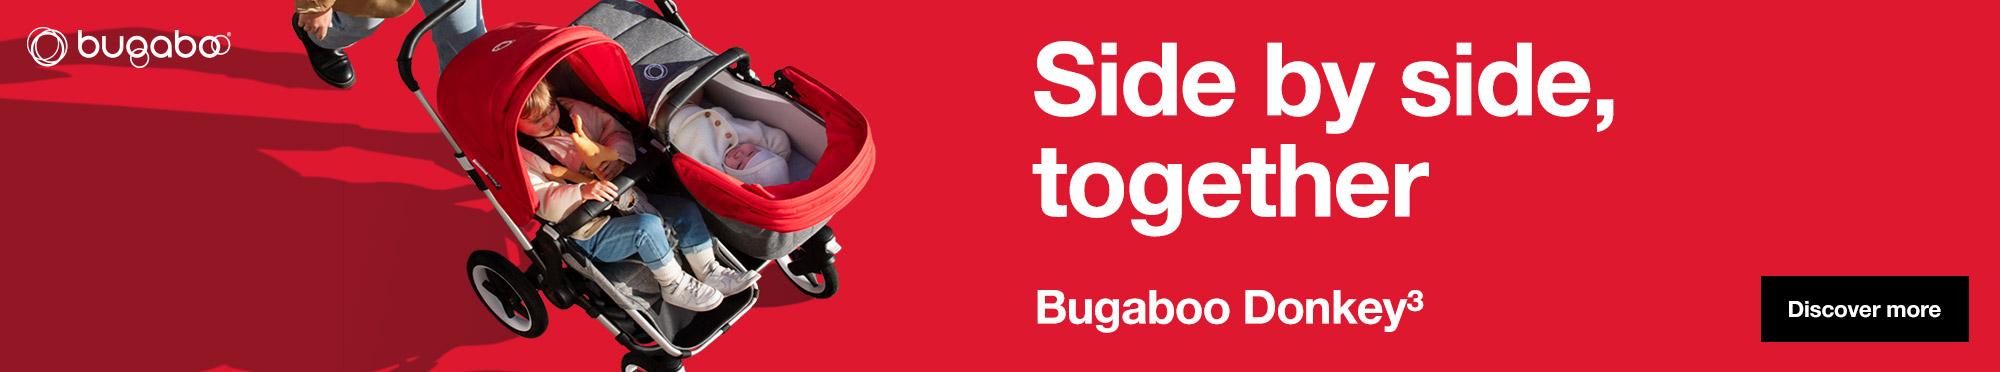 Bugaboo Donkey 3 Pram Mama Disrupt® Advertisement